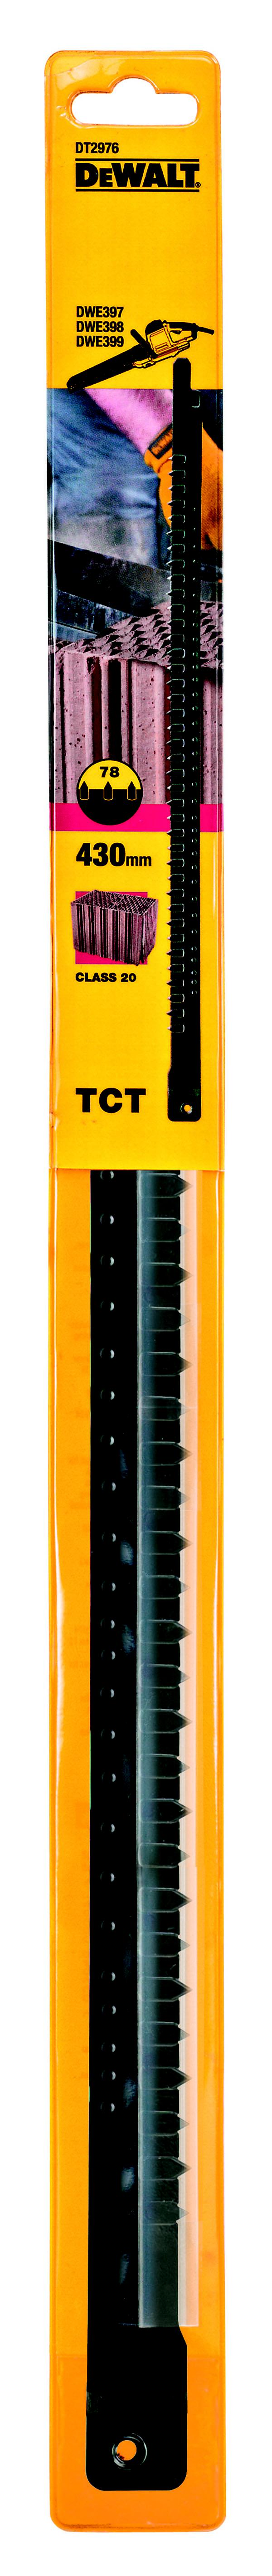 Полотно для сабельной пилы Dewalt Dt2976-qz полотно для сабельной пилы dewalt dt2976 qz